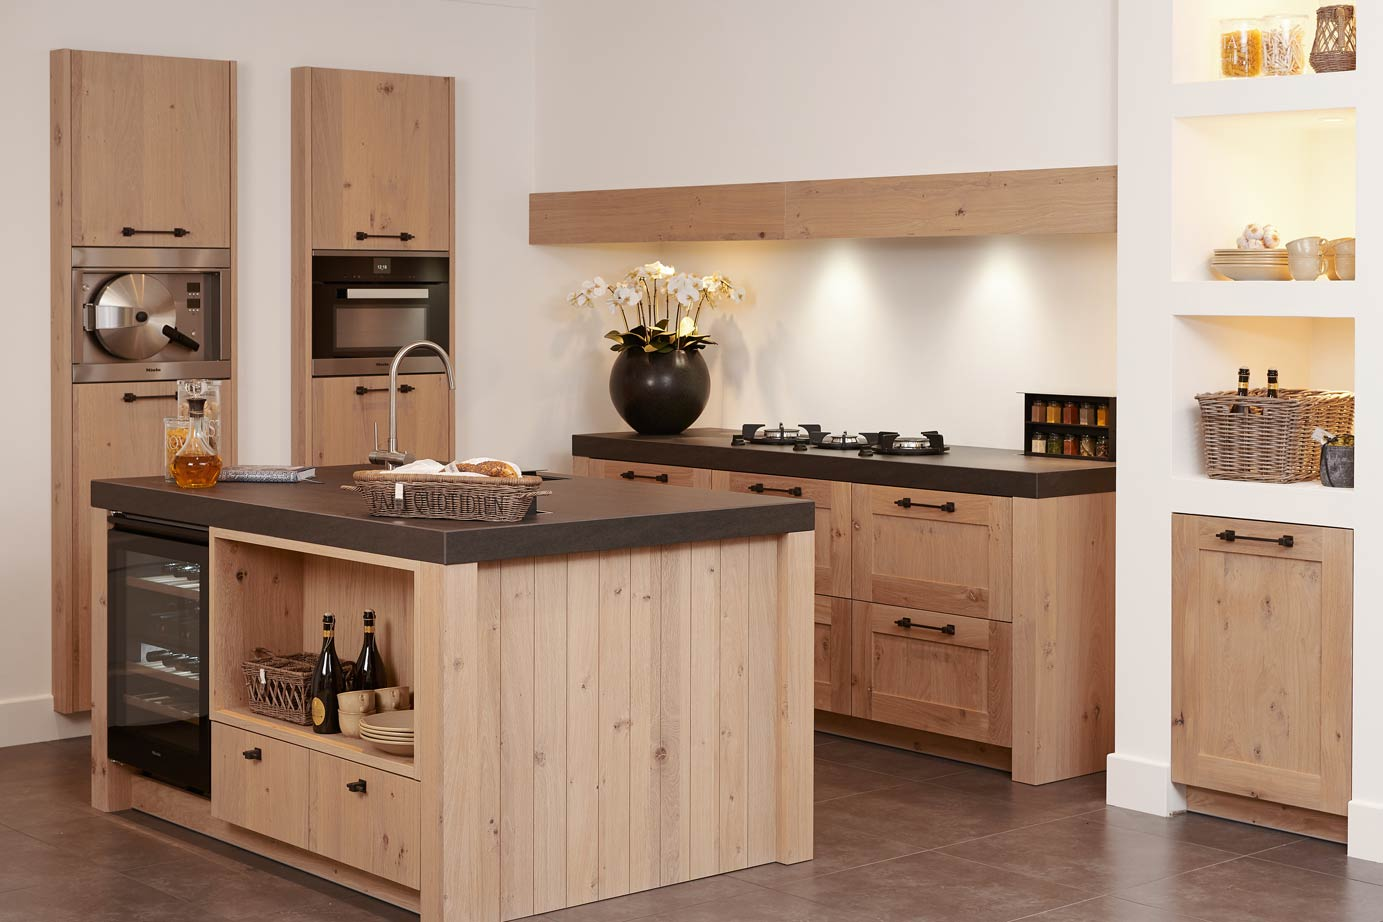 Keuken Decoratie Folie : Keukenfronten. Alle informatie over fronten in de keuken – DB Keukens